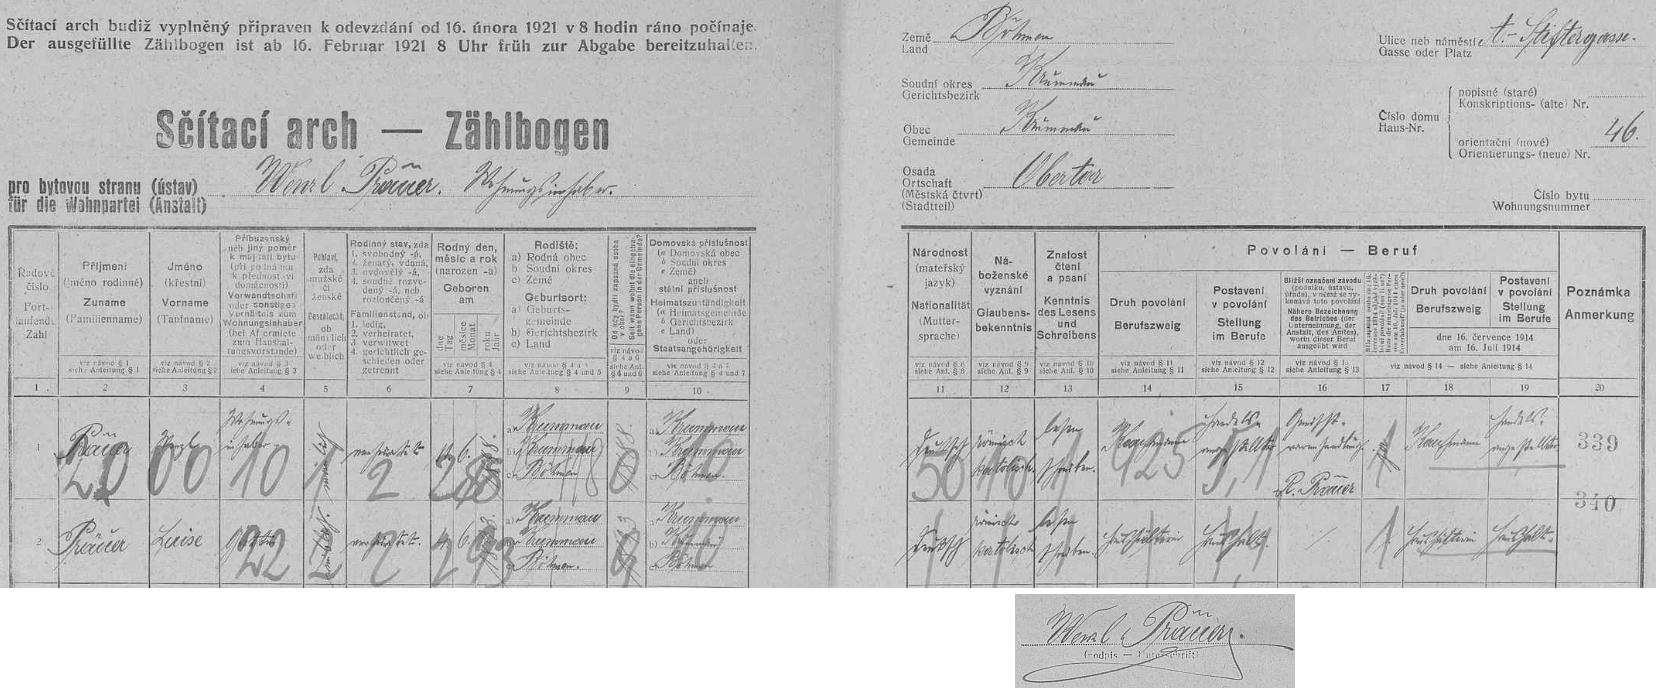 Otcem podepsaný arch ke sčítání lidu roku 1921 zaznamenává v domě čp. 46 na Adalbert-Stifter-Gasse pobyt jeho rodičů, obchodníka Wenzla Präuera (*11. června 1888 v Českém Krumlově) a jeho ženy Luise (*4. června 1893 v Českém Krumlově)